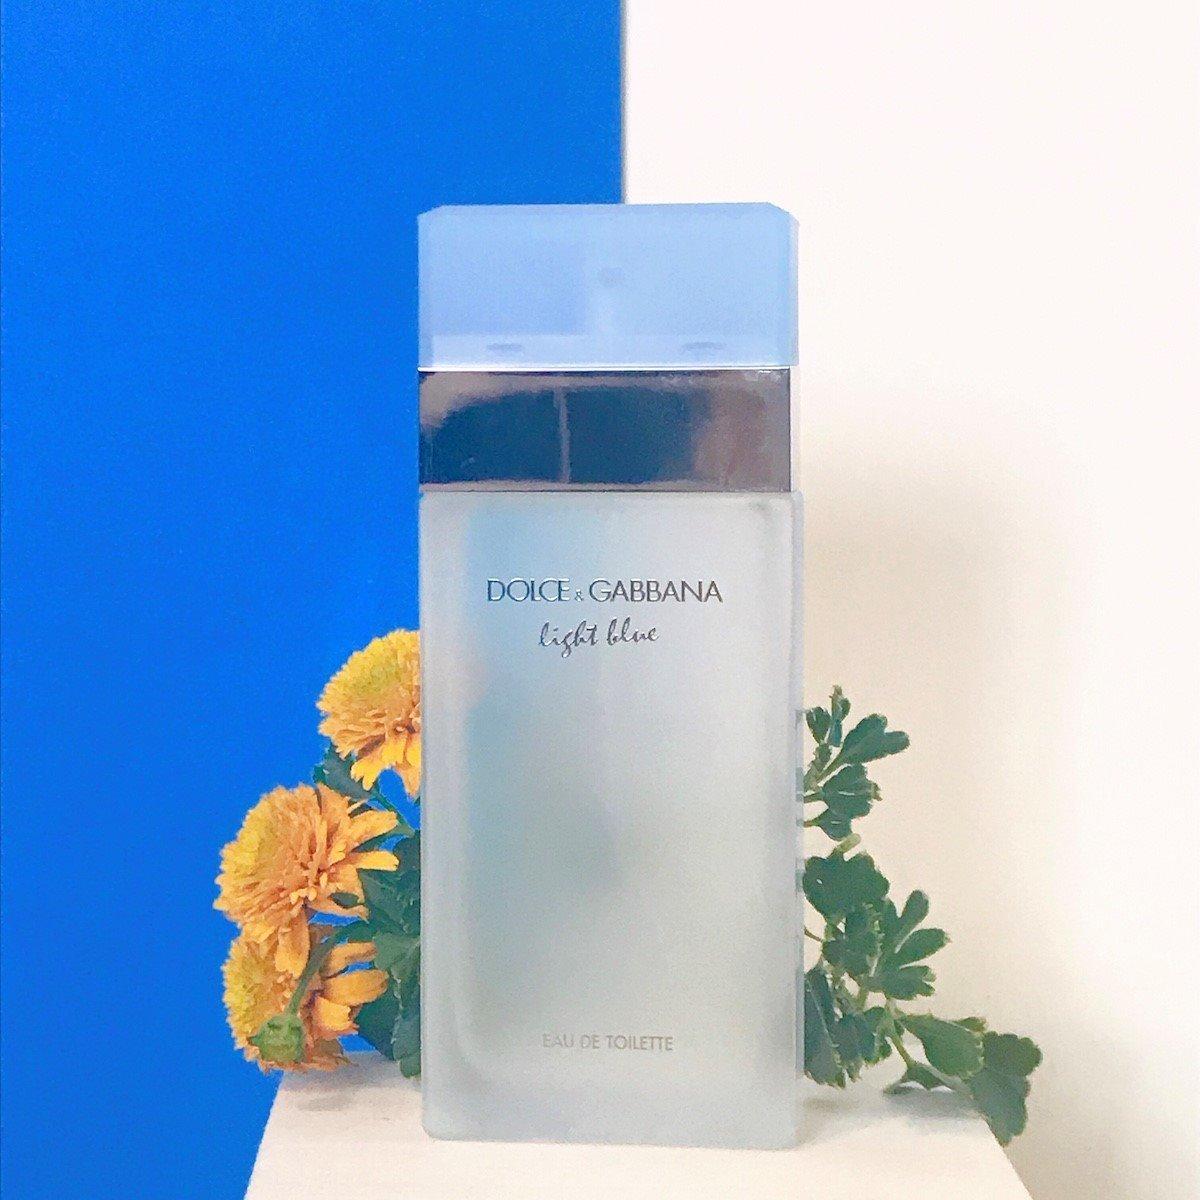 さわやかな香りで、香水初心者からも人気! 夏にぴったりのライトブルー オードトワレ